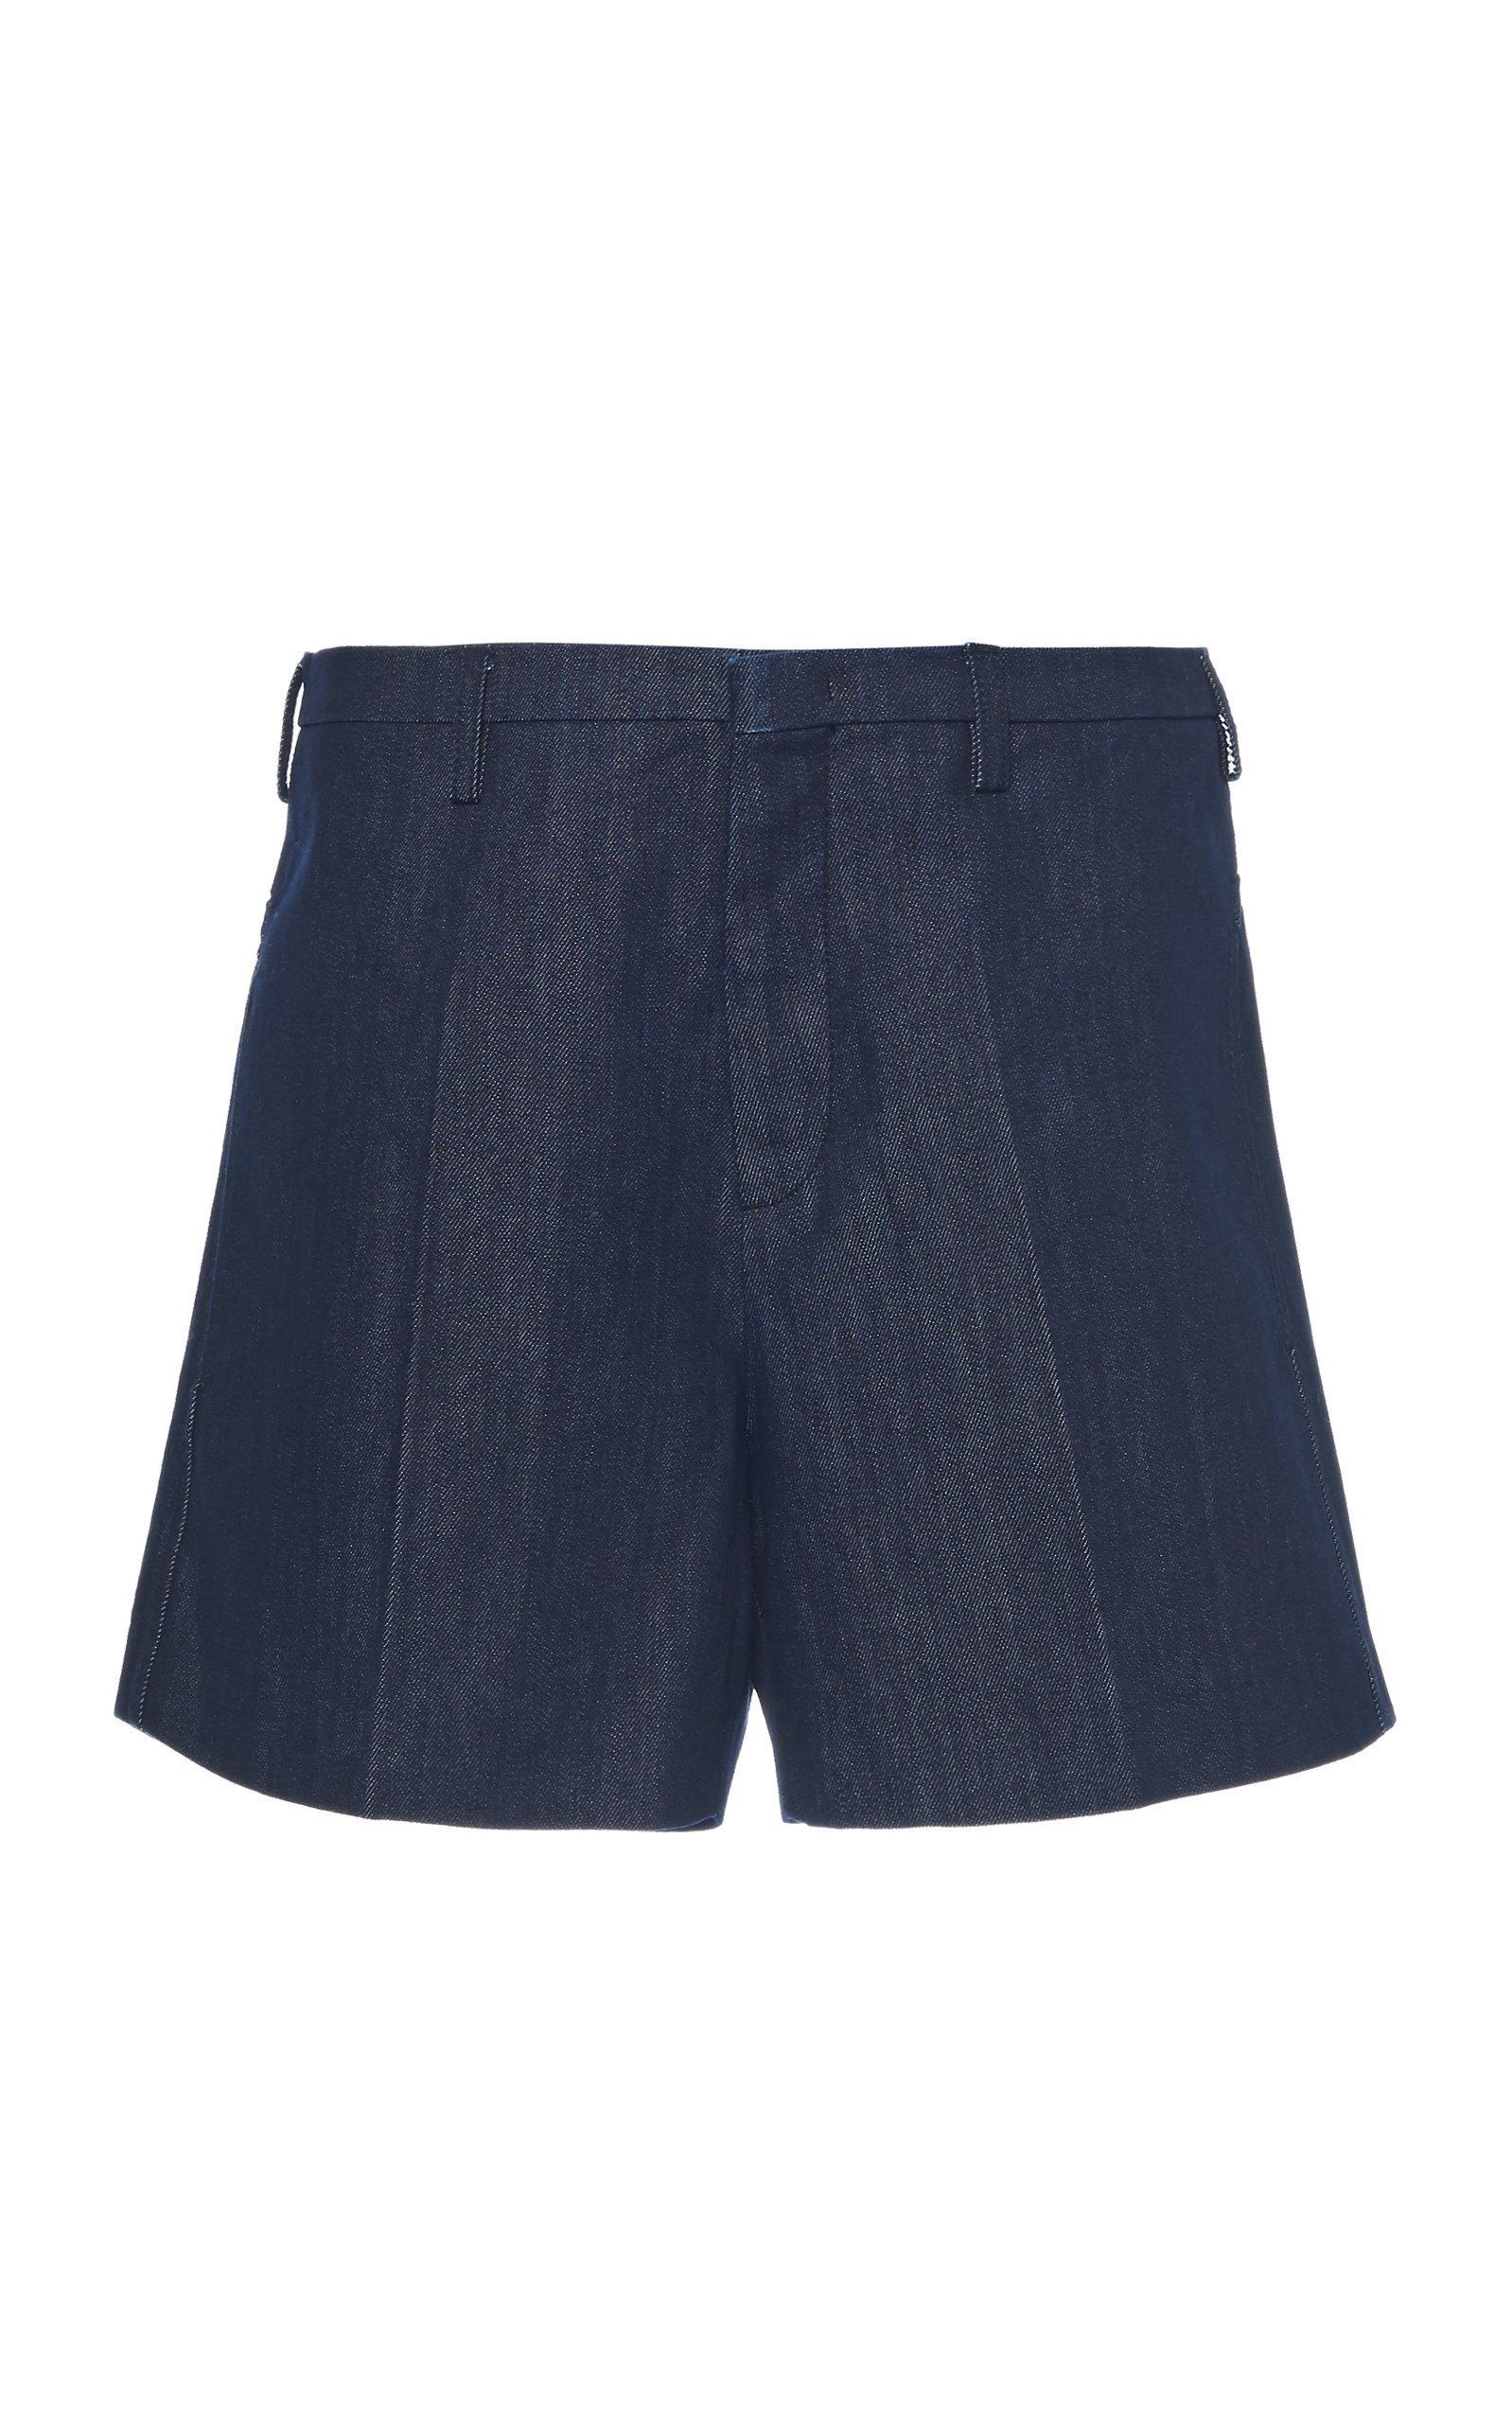 N°21 Mid-Rise Denim Shorts Size: 42